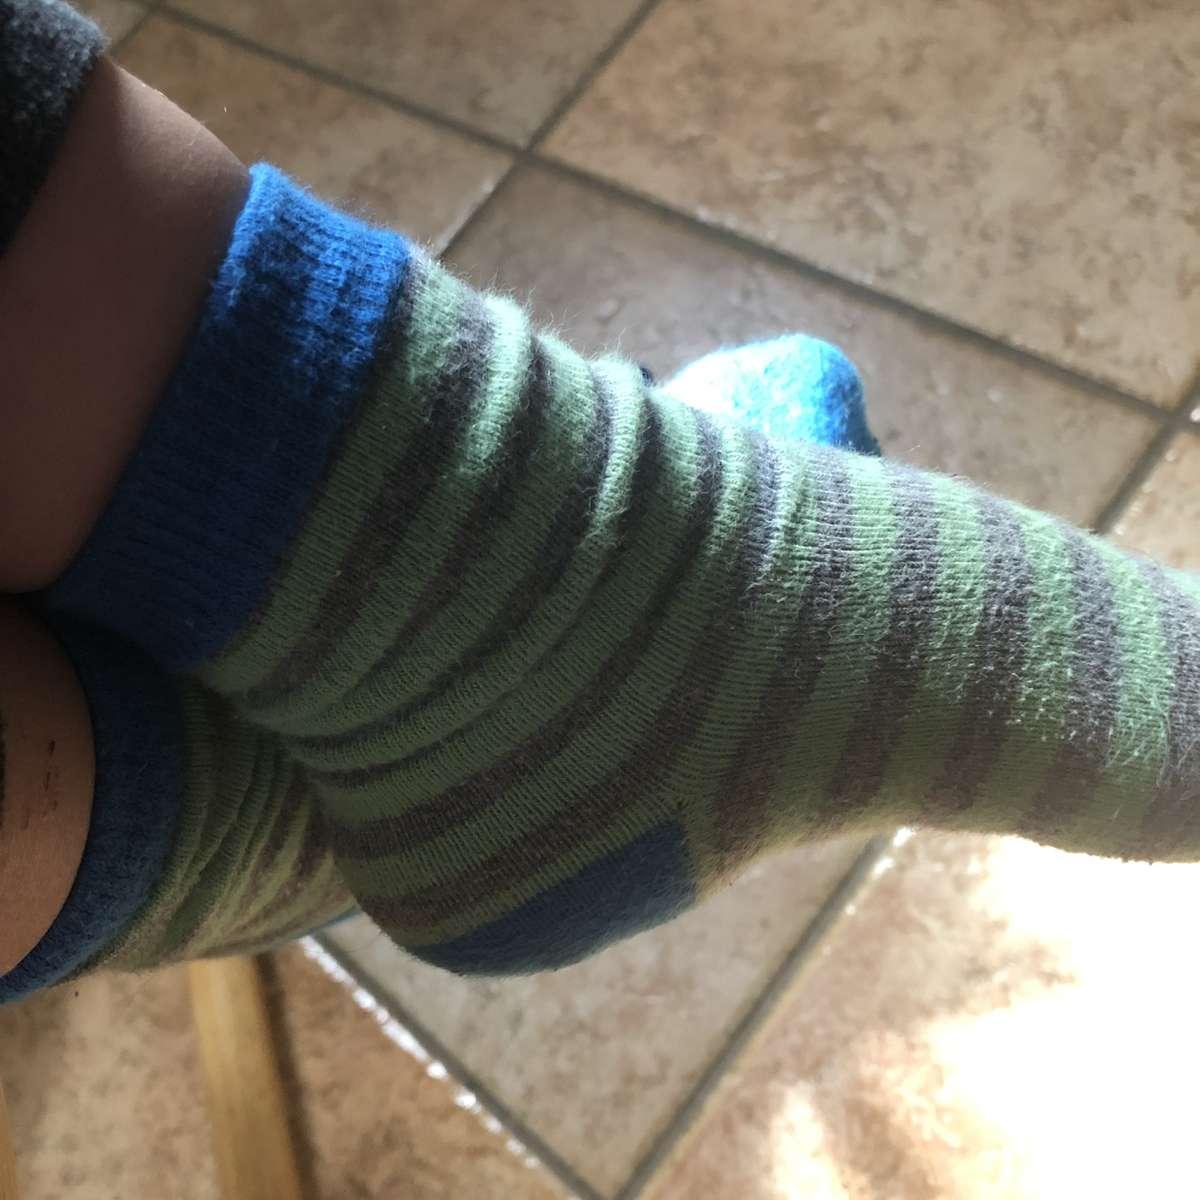 Tagebuchbloggen – WMDEDGT 09 2019 – Mit dem Baby unterwegs